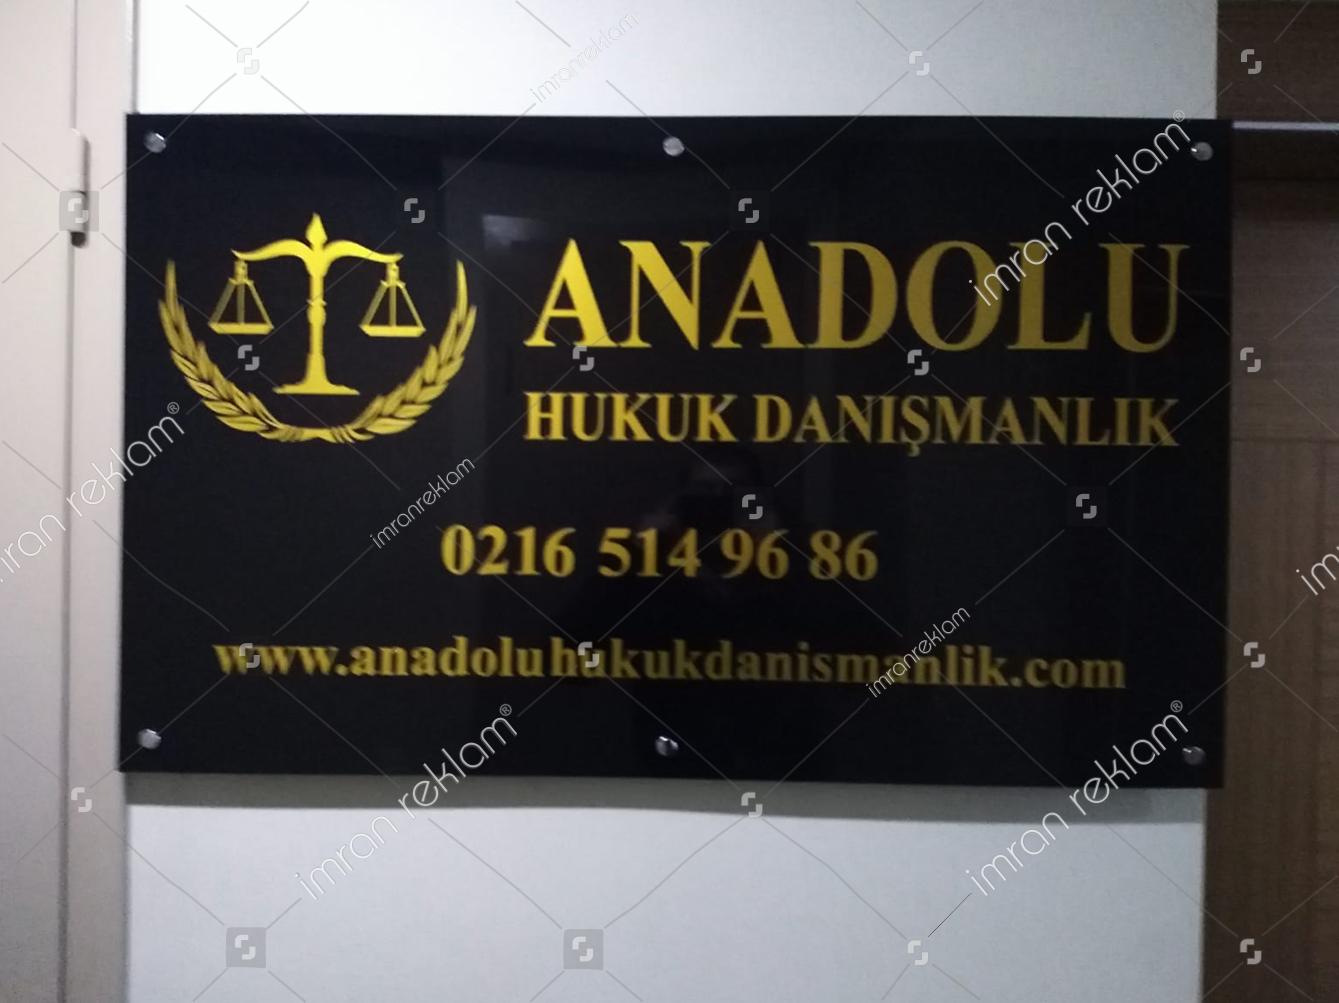 anadolu-hukuk-danismanlik-tabelasi